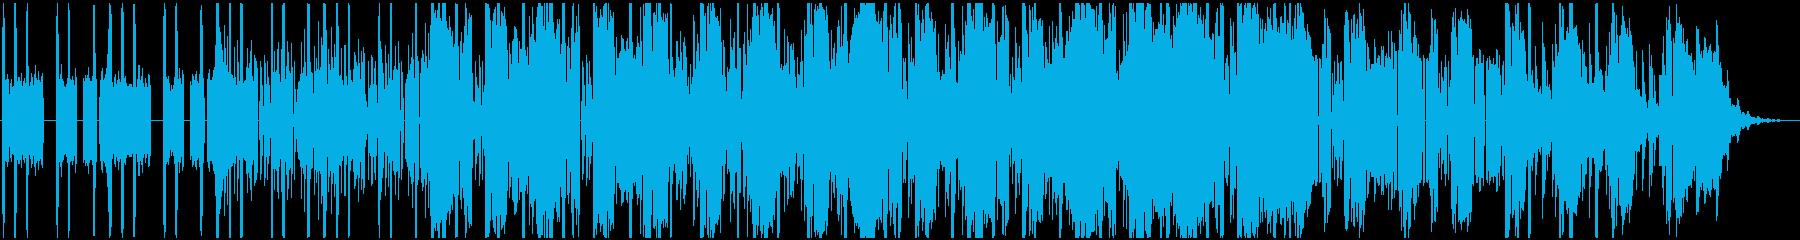 暗く緊迫感のあるノイジーなデジタルビートの再生済みの波形